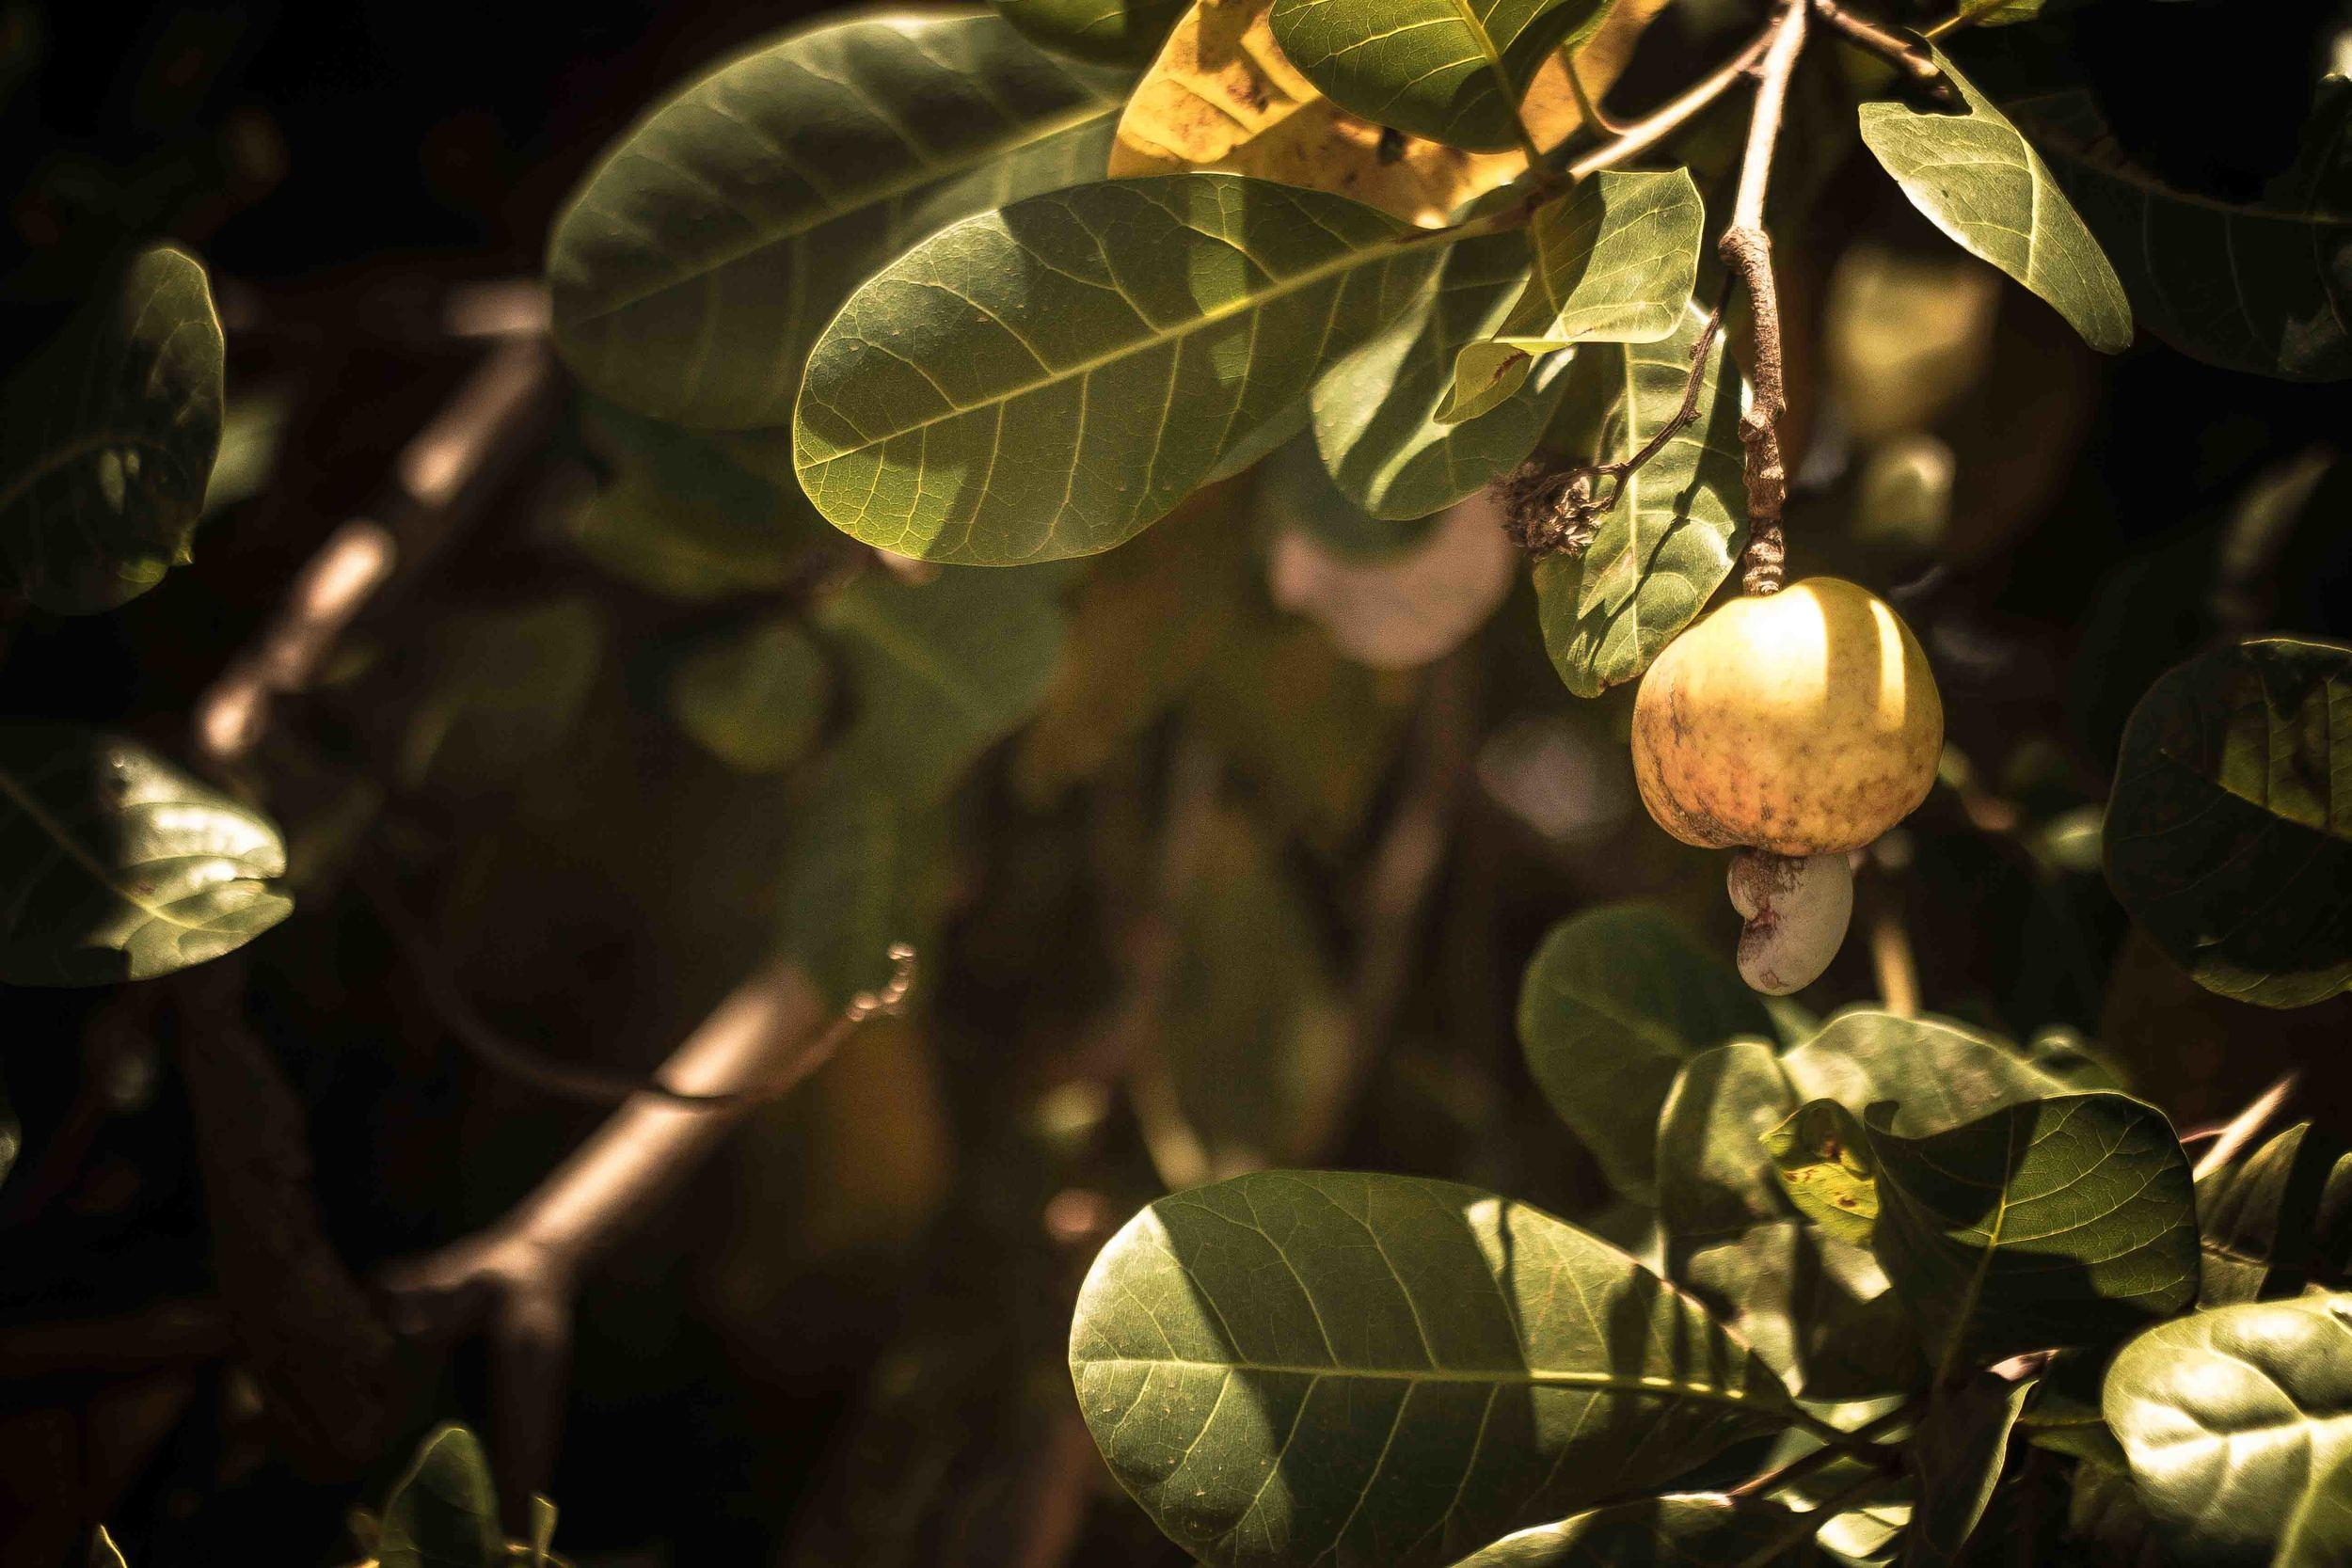 Mogovolas district, Nampula province  – One of the many varieties of cashew nuts | Uma das variedades de castanha de caju